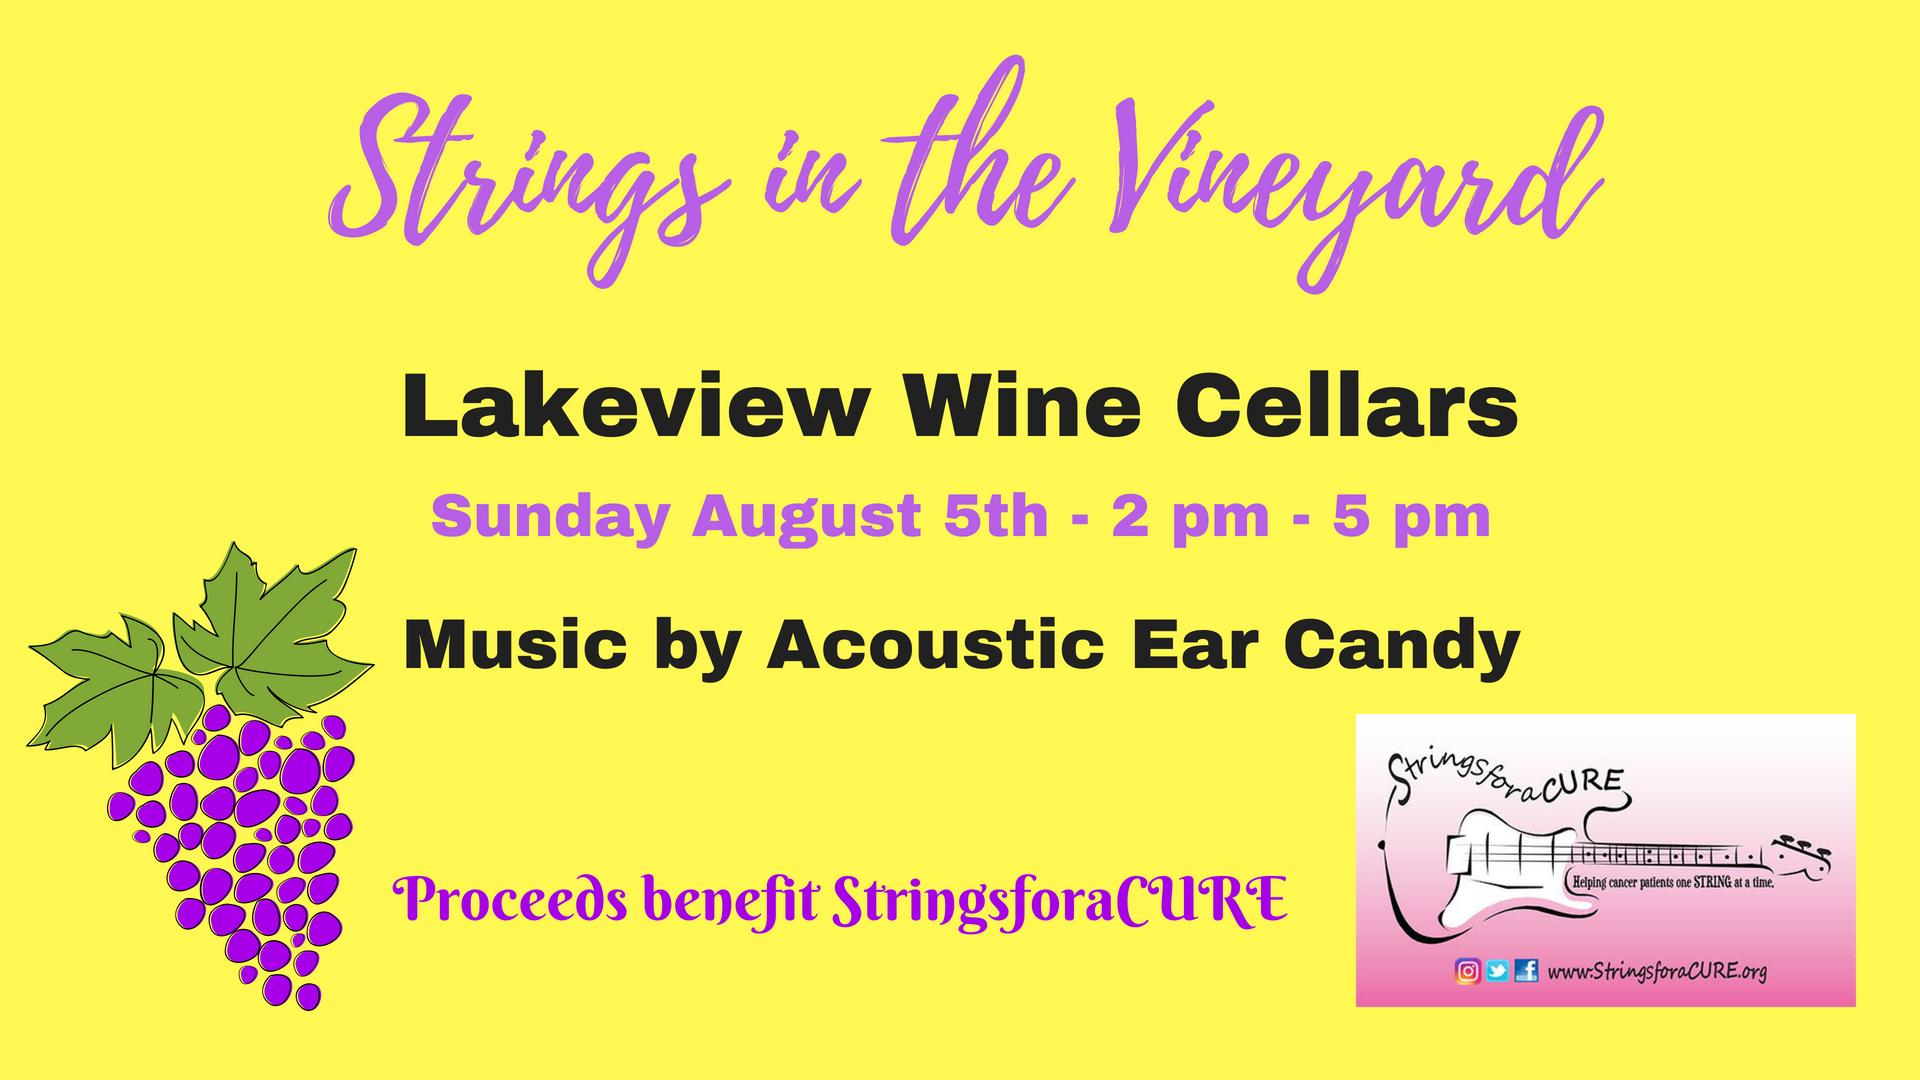 Strings in the Vineyard